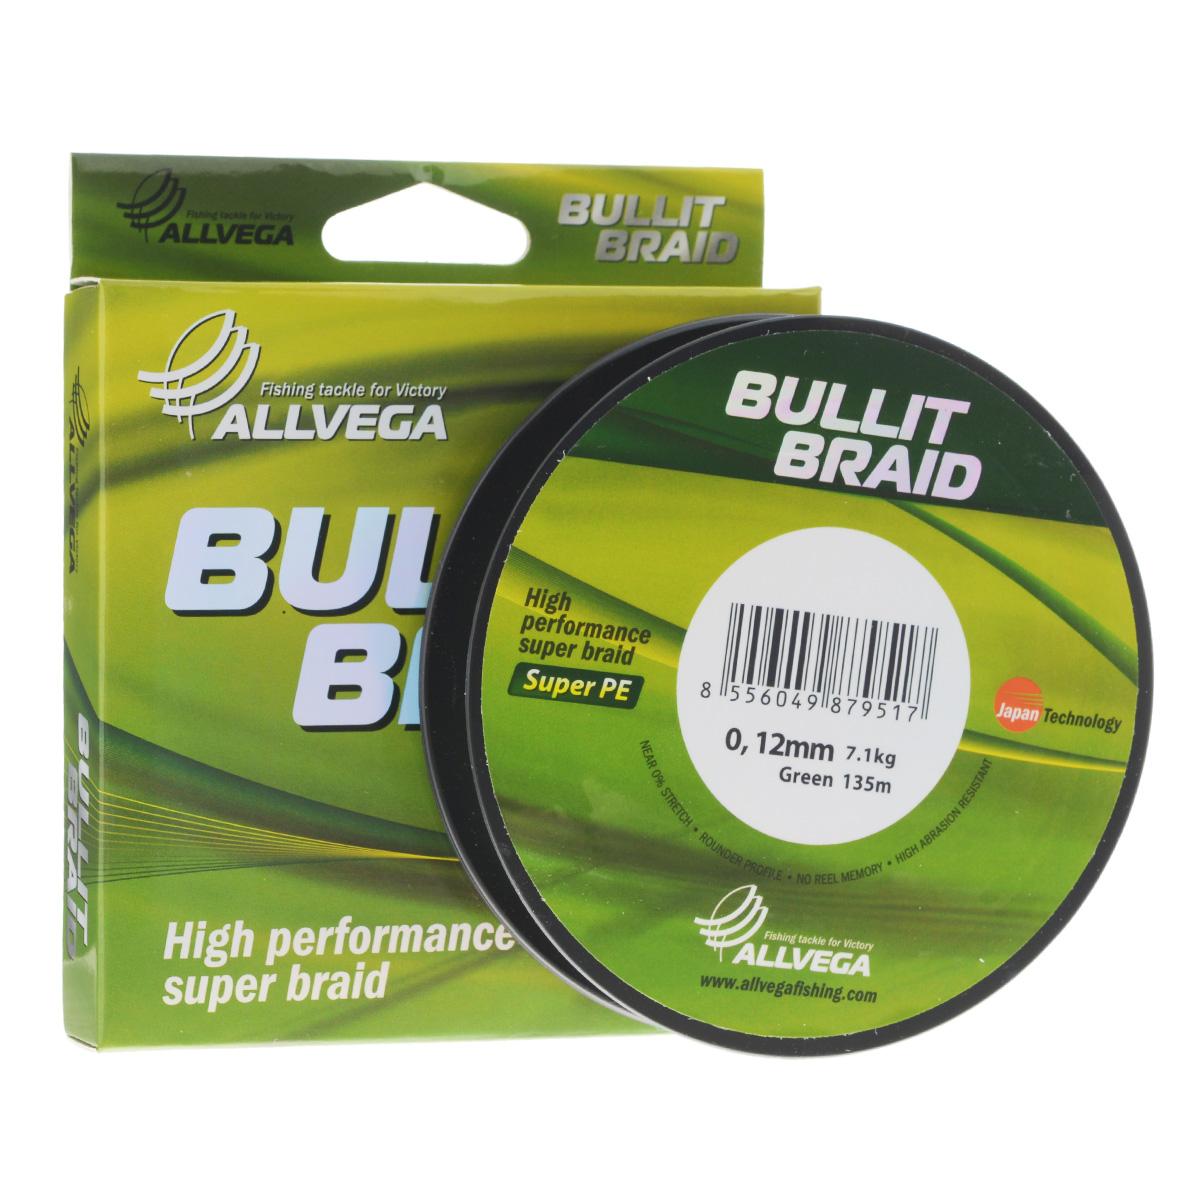 Леска плетеная Allvega Bullit Braid, цвет: темно-зеленый, 135 м, 0,12 мм, 7,1 кг36266Леска Allvega Bullit Braid с гладкой поверхностью и одинаковым сечением по всей длине обладает высокой износостойкостью. Благодаря микроволокнам полиэтилена (Super PE) леска имеет очень плотное плетение и не впитывает воду. Леску Allvega Bullit Braid можно применять в любых типах водоемов. Особенности:повышенная износостойкость;высокая чувствительность - коэффициент растяжения близок к нулю;отсутствует память; идеально гладкая поверхность позволяет увеличить дальность забросов; высокая прочность шнура на узлах.